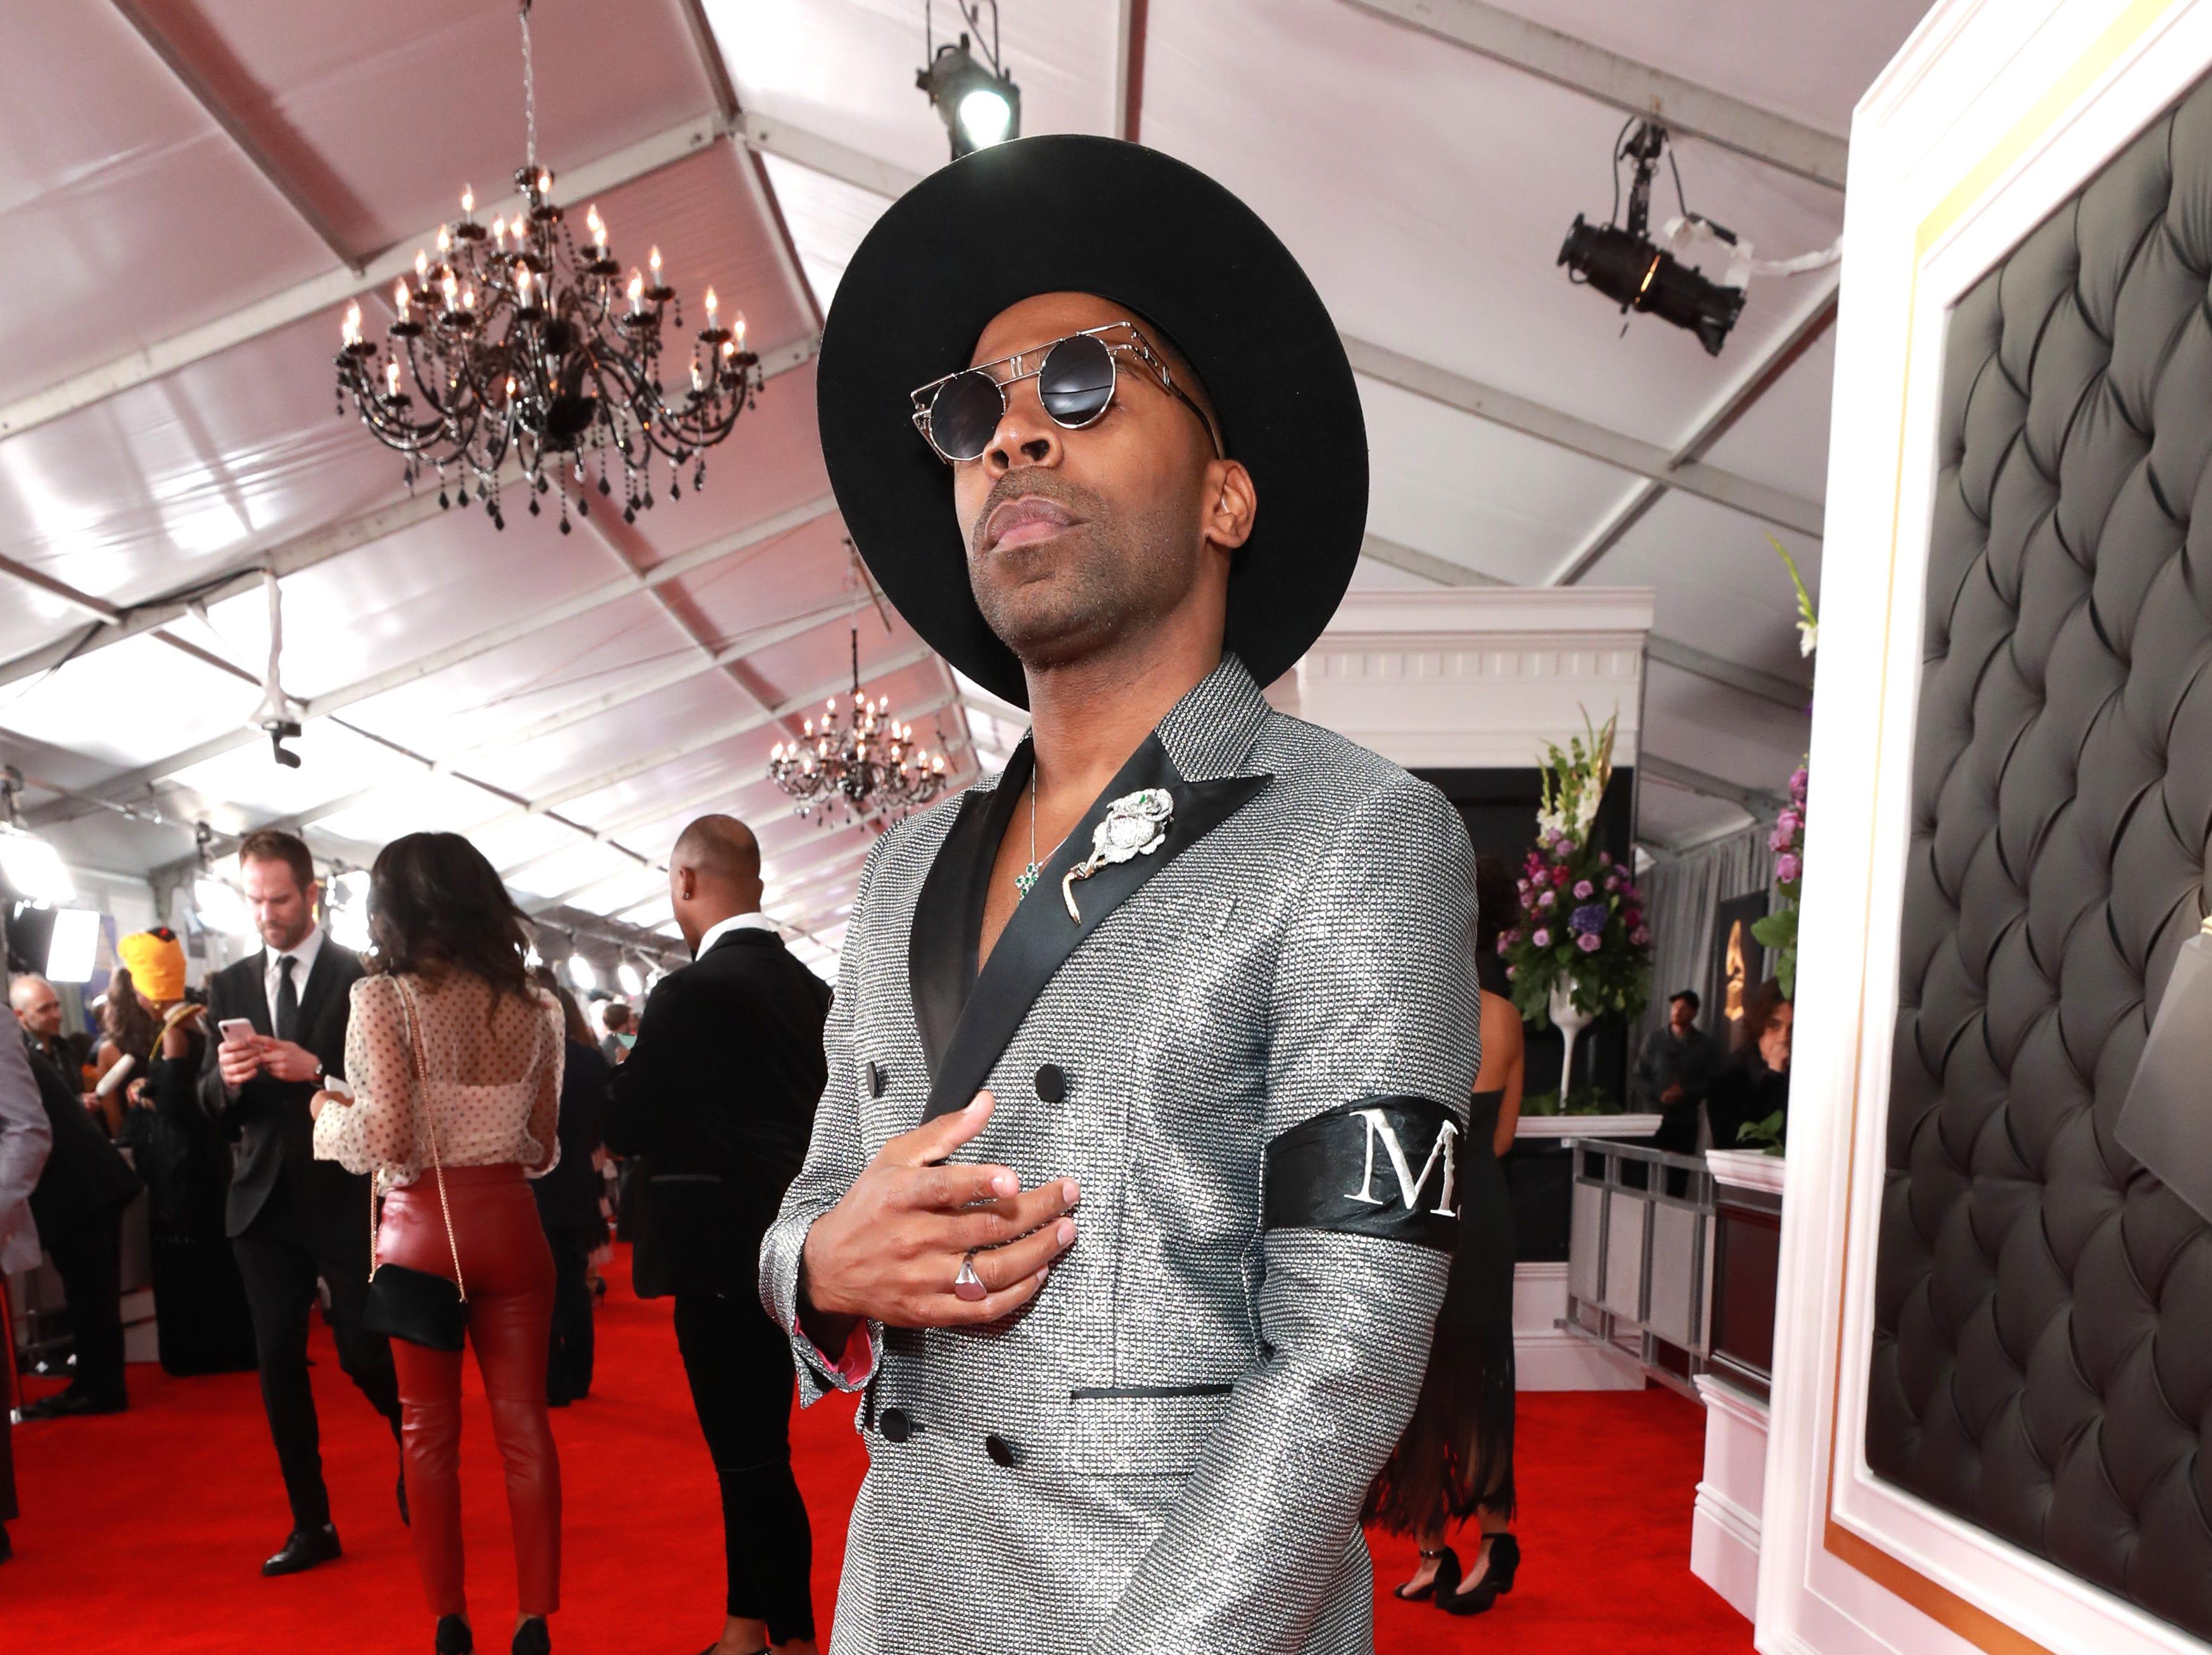 Major asiste a la 61ª edición de los premios GRAMMY en el Staples Center el 10 de febrero de 2019 en Los Ángeles, California.